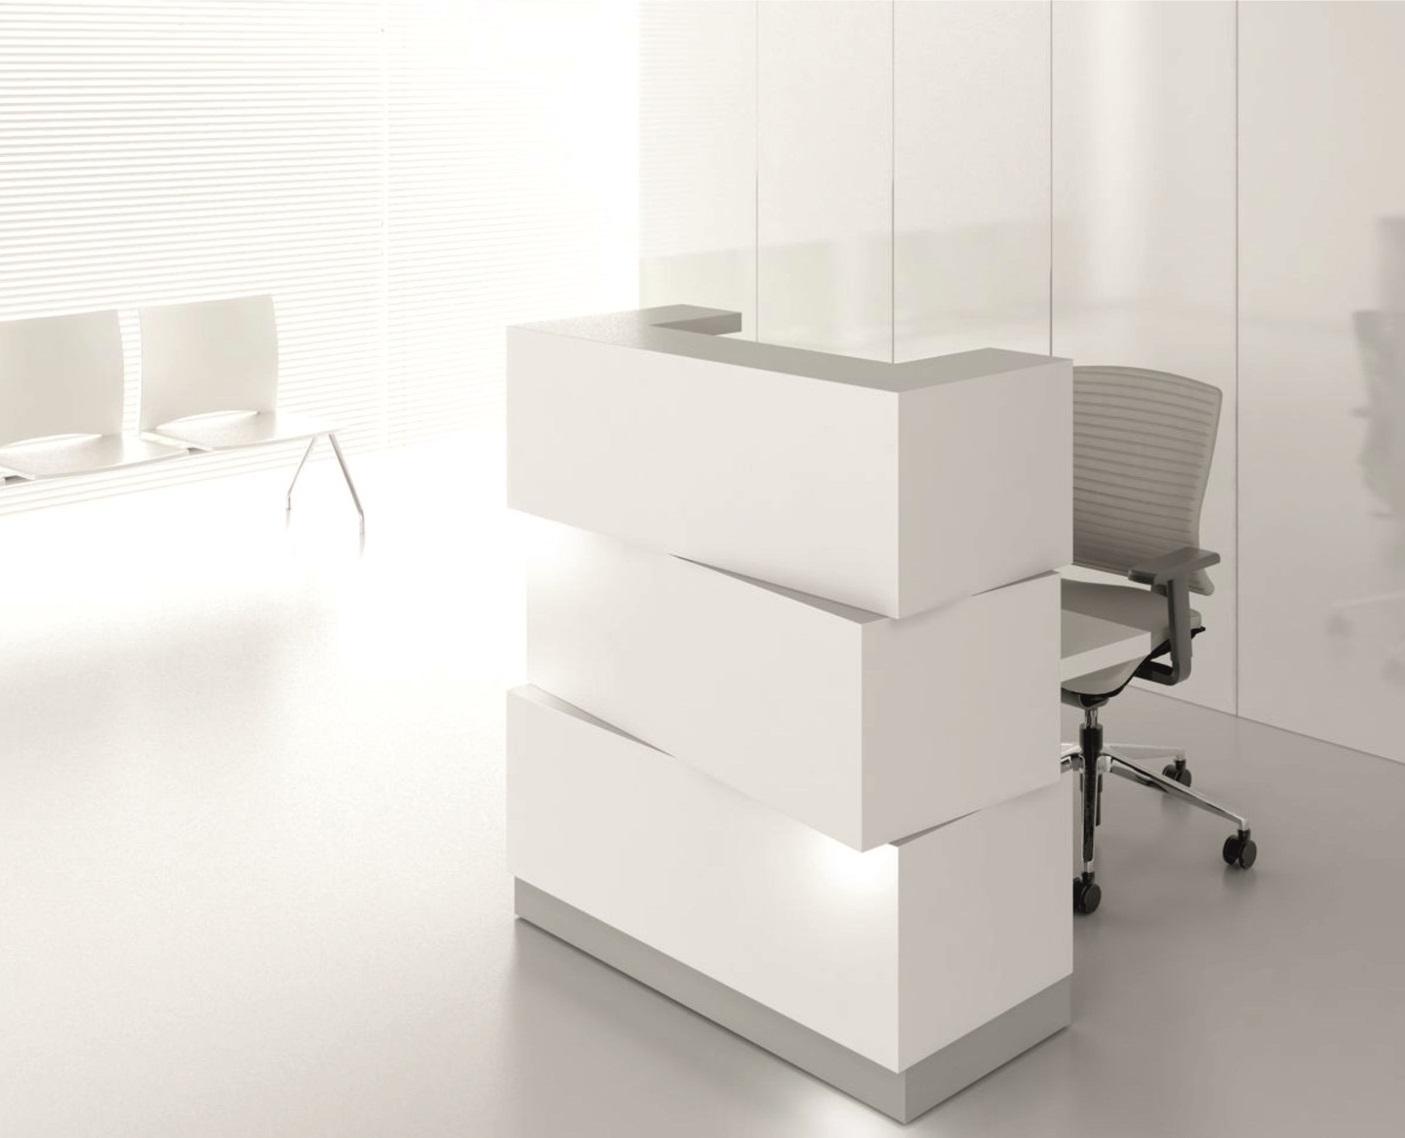 Mostrador zen mostradores de recepci n for Muebles de oficina palencia